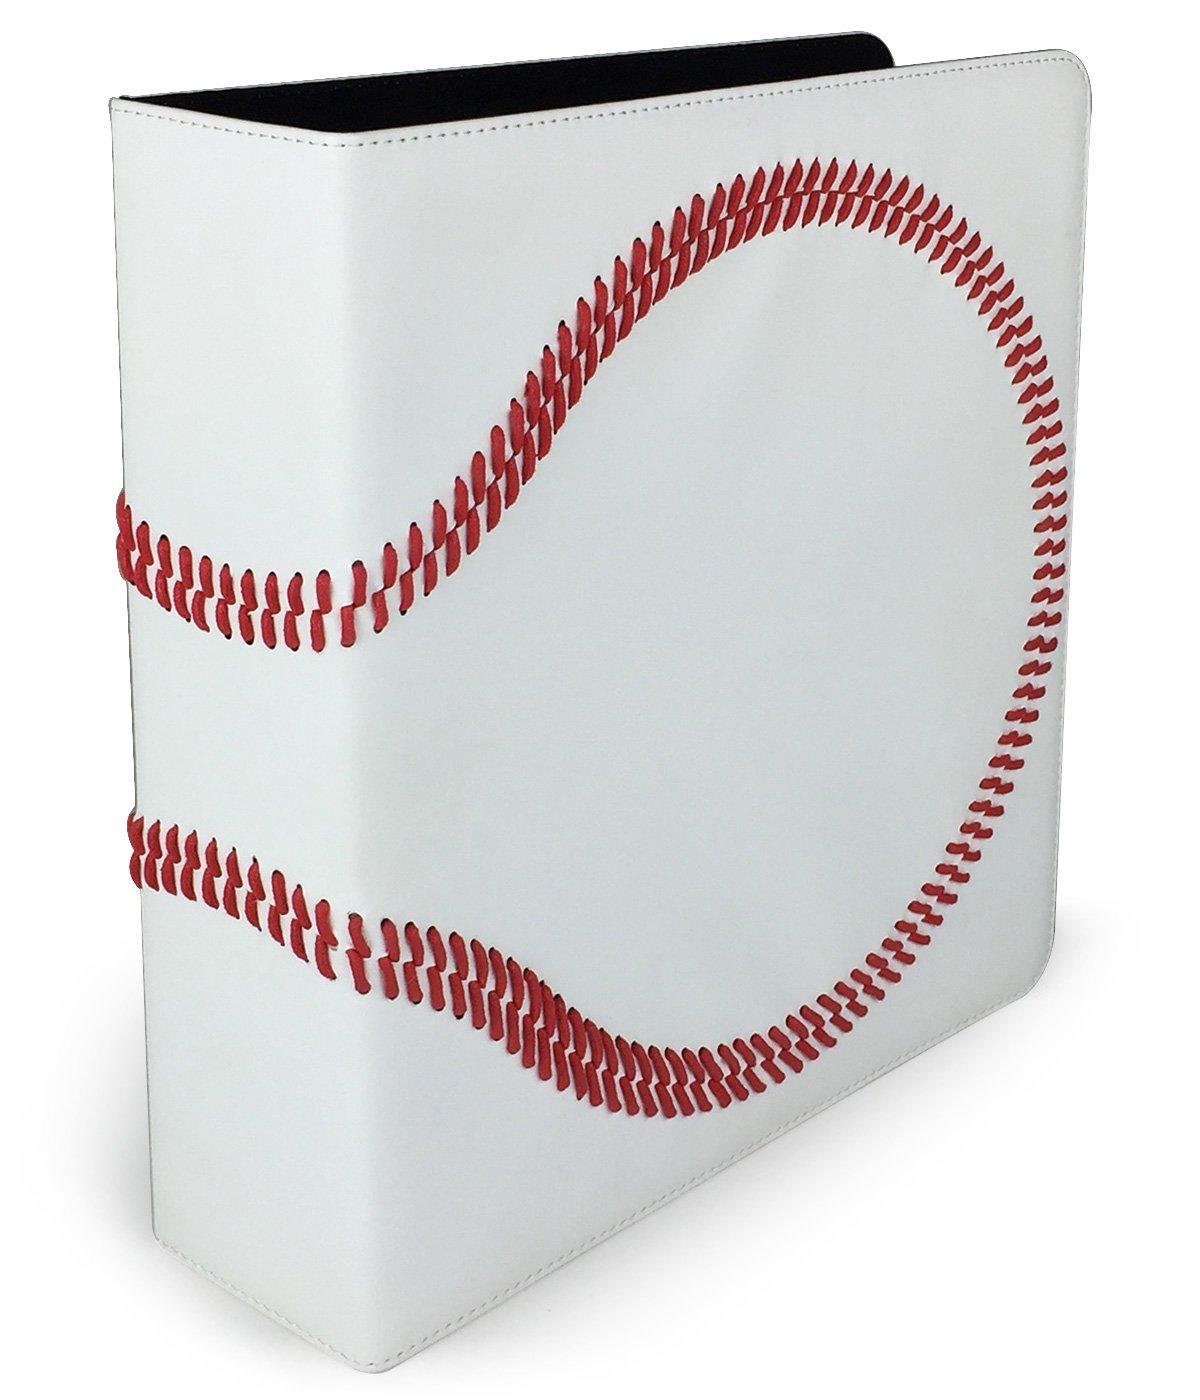 Premium Baseball 3-Ring Binder